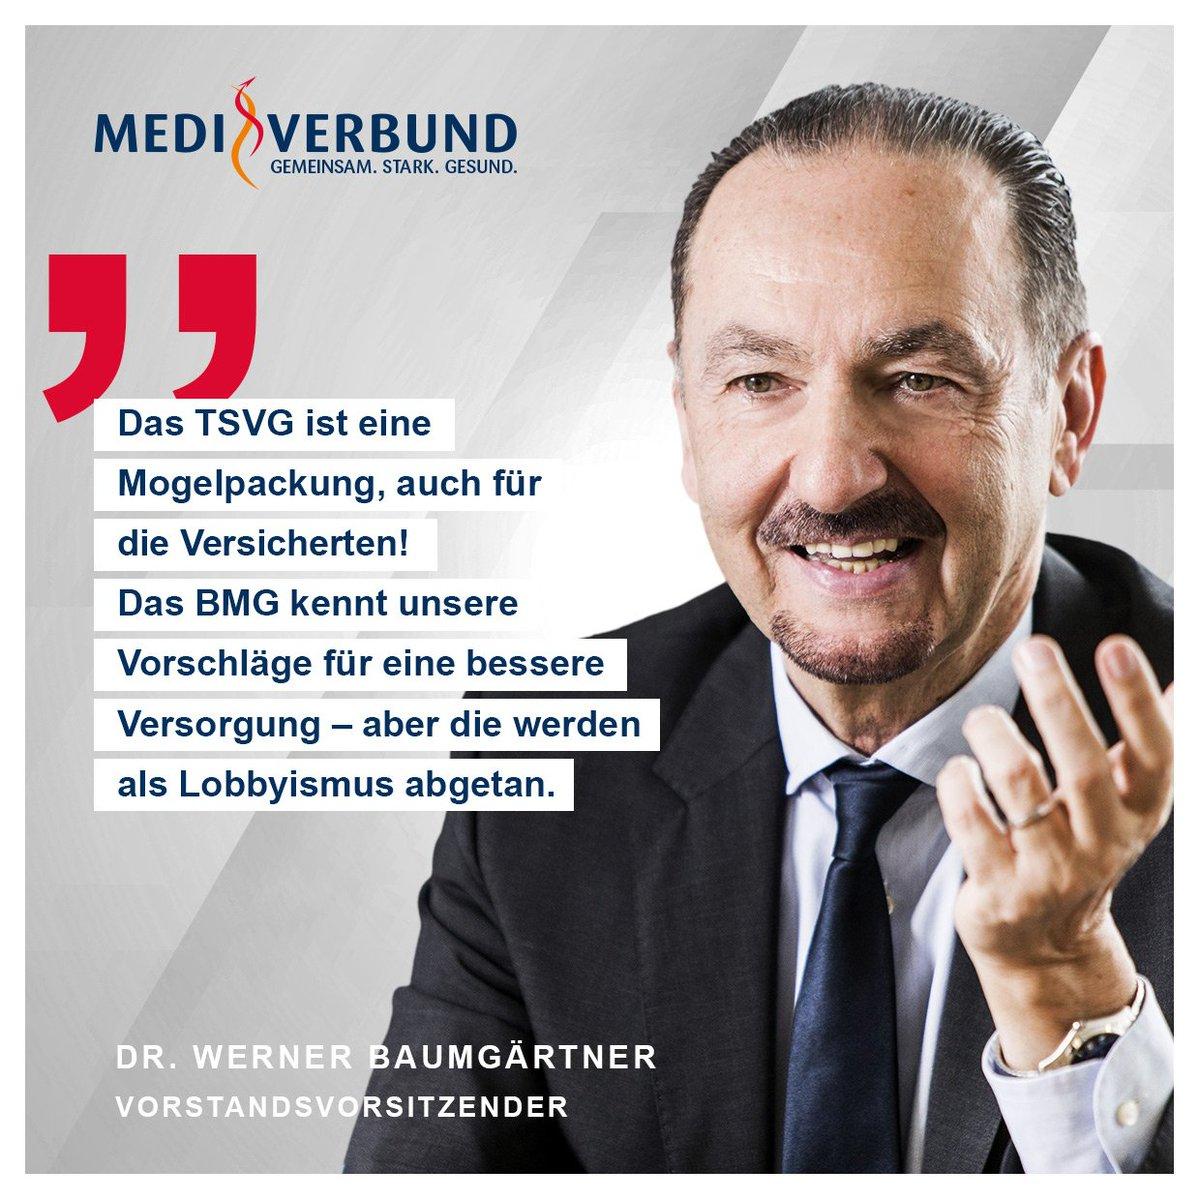 MEDI Verbund's photo on #TSVG